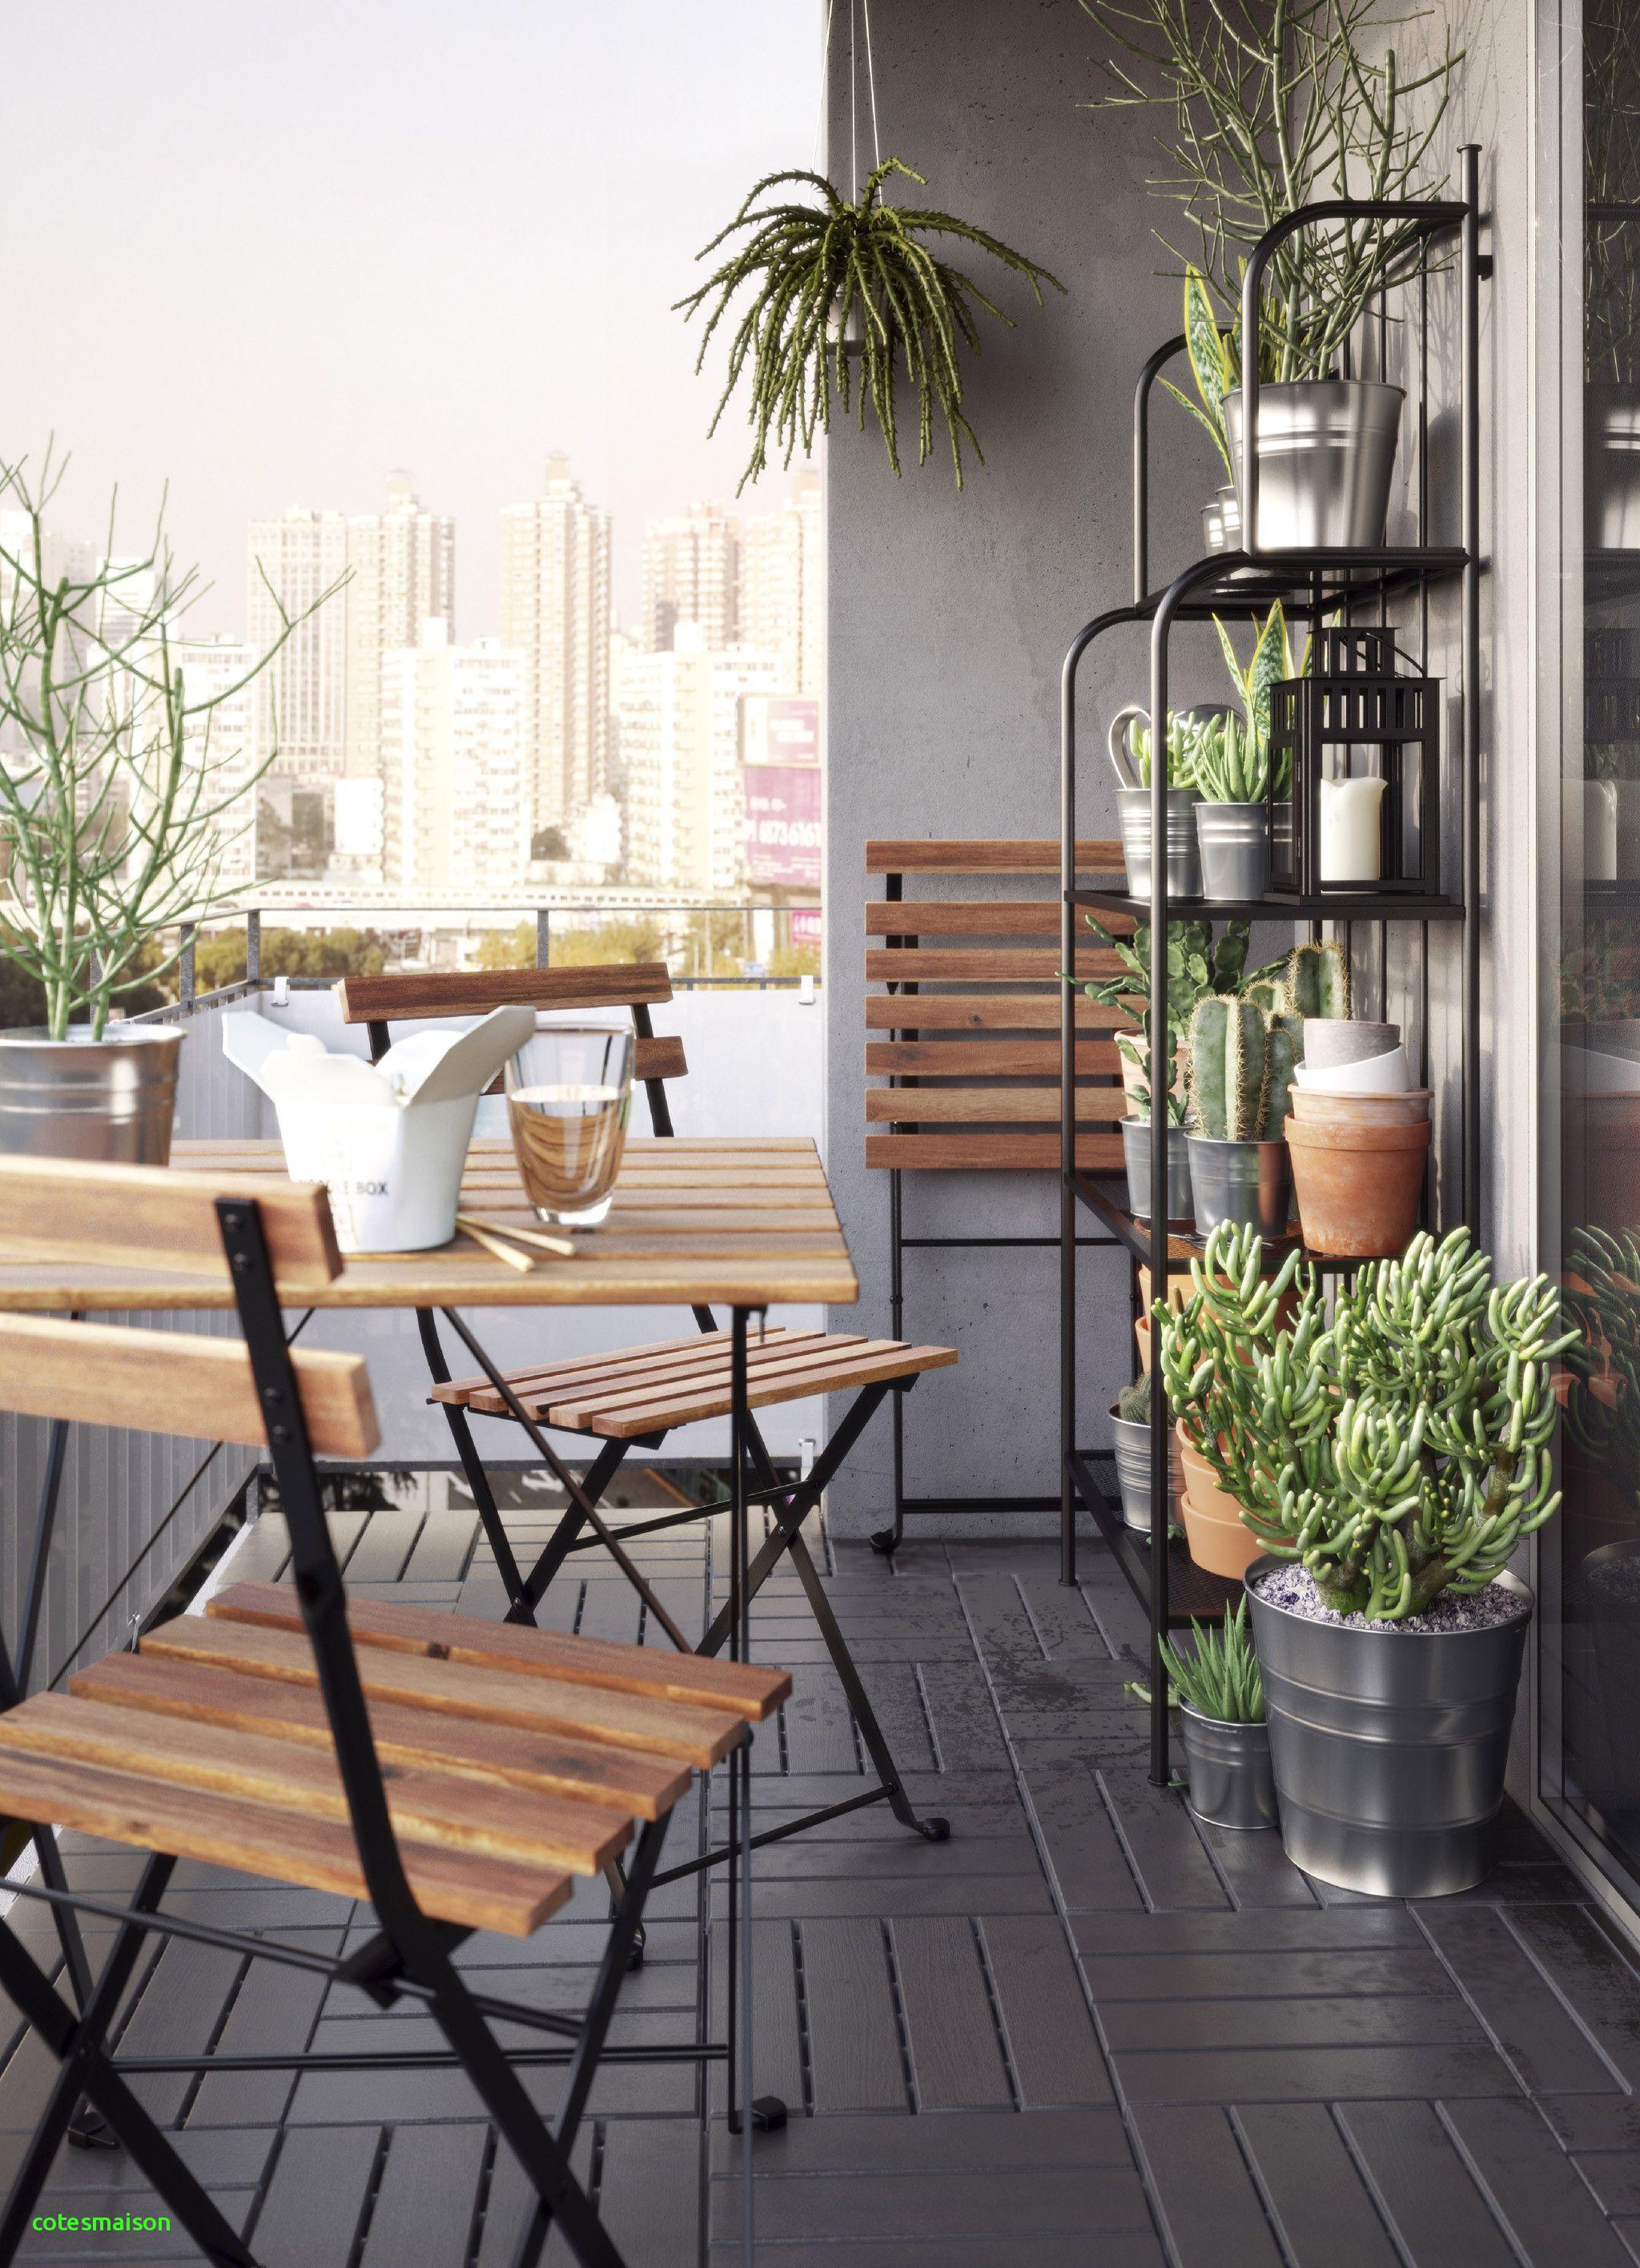 Idée Jardin Moderne Impressionnant Collection éclatant Aussi Bien Que attrayant Déco Armoire Ikea – Cotesmaison